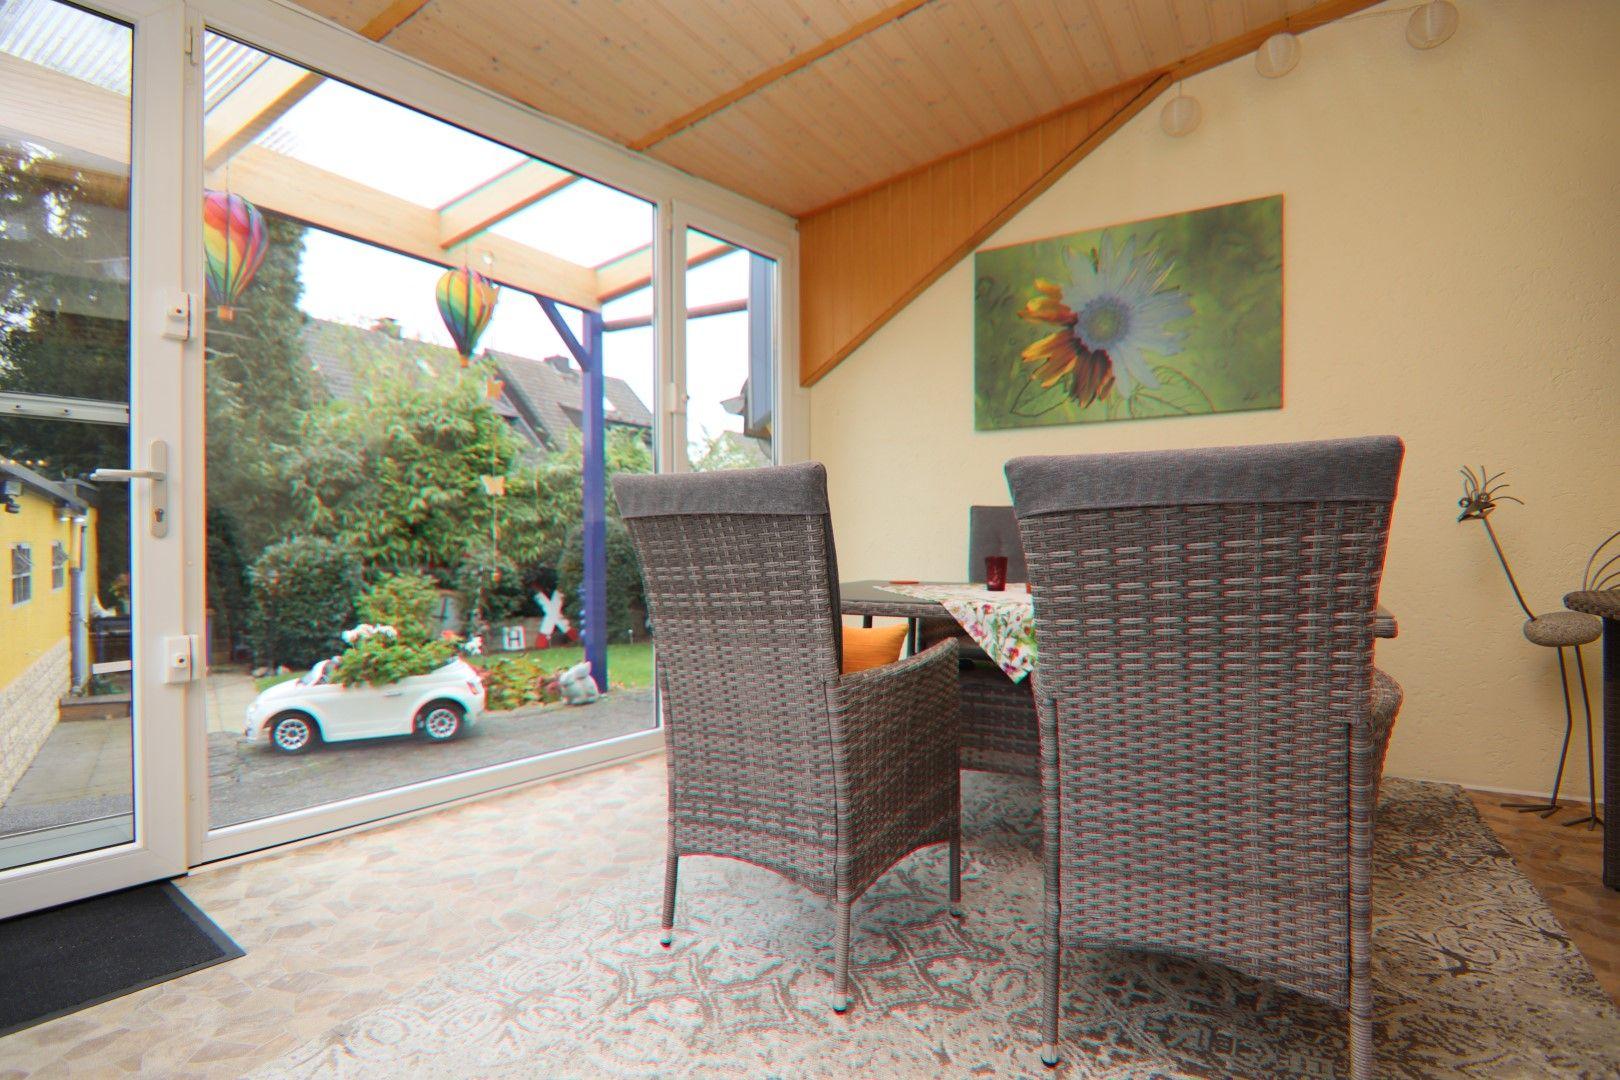 Immobilie Nr.0281 - Freistehendes EFH mit Vollkeller, Wintergarten u. Garage  - Bild 8.jpg